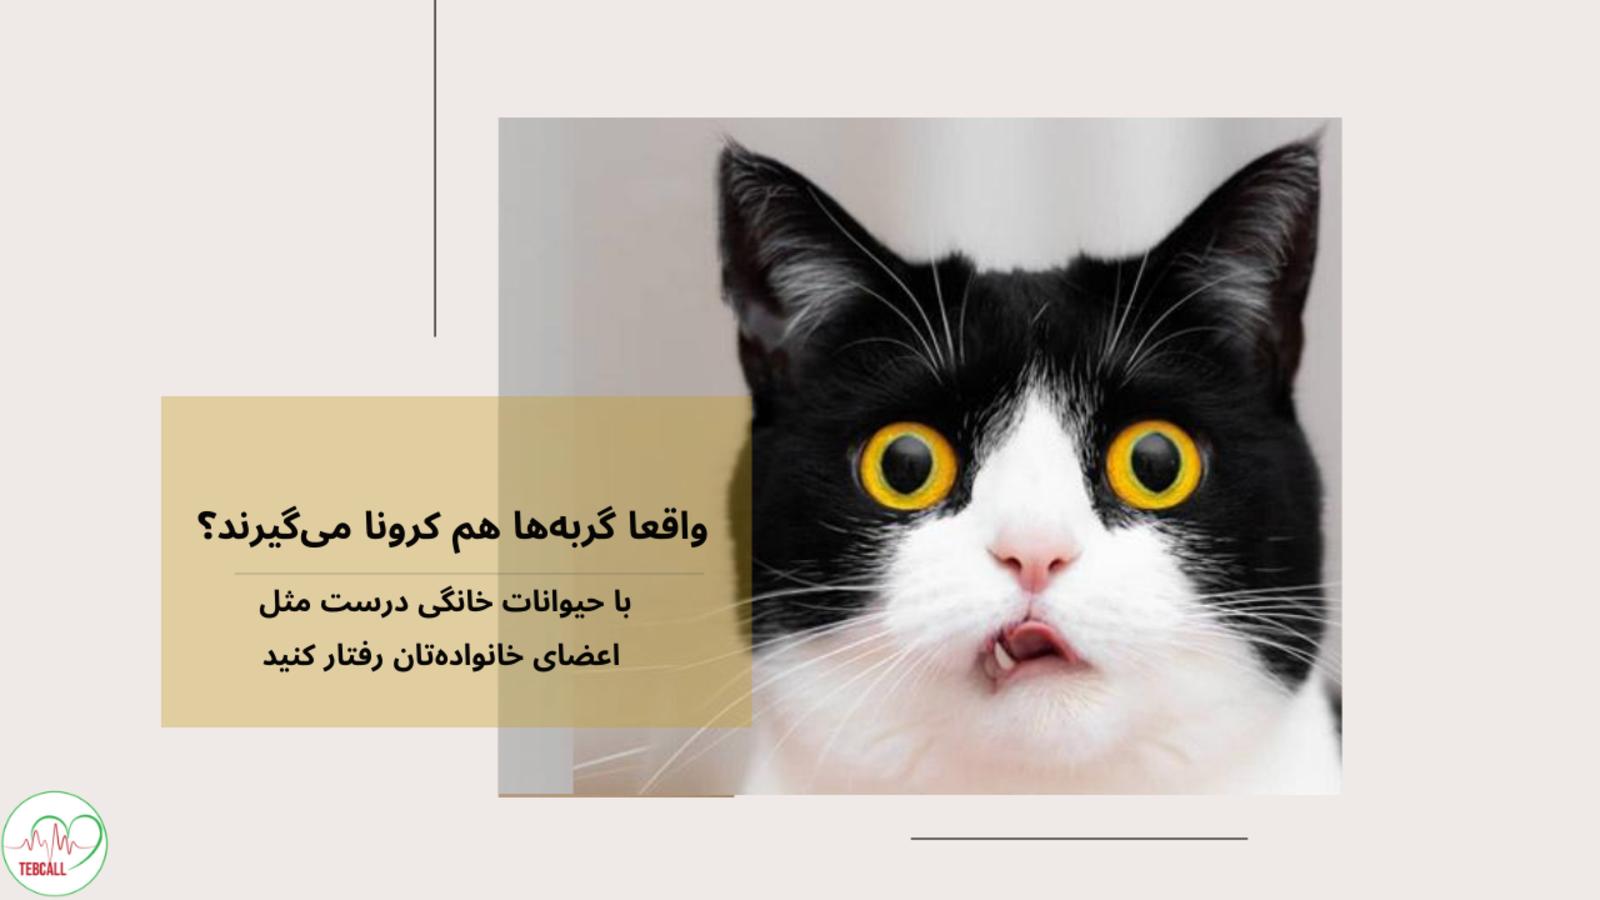 واقعا گربه ها هم کرونا می گیرند؟